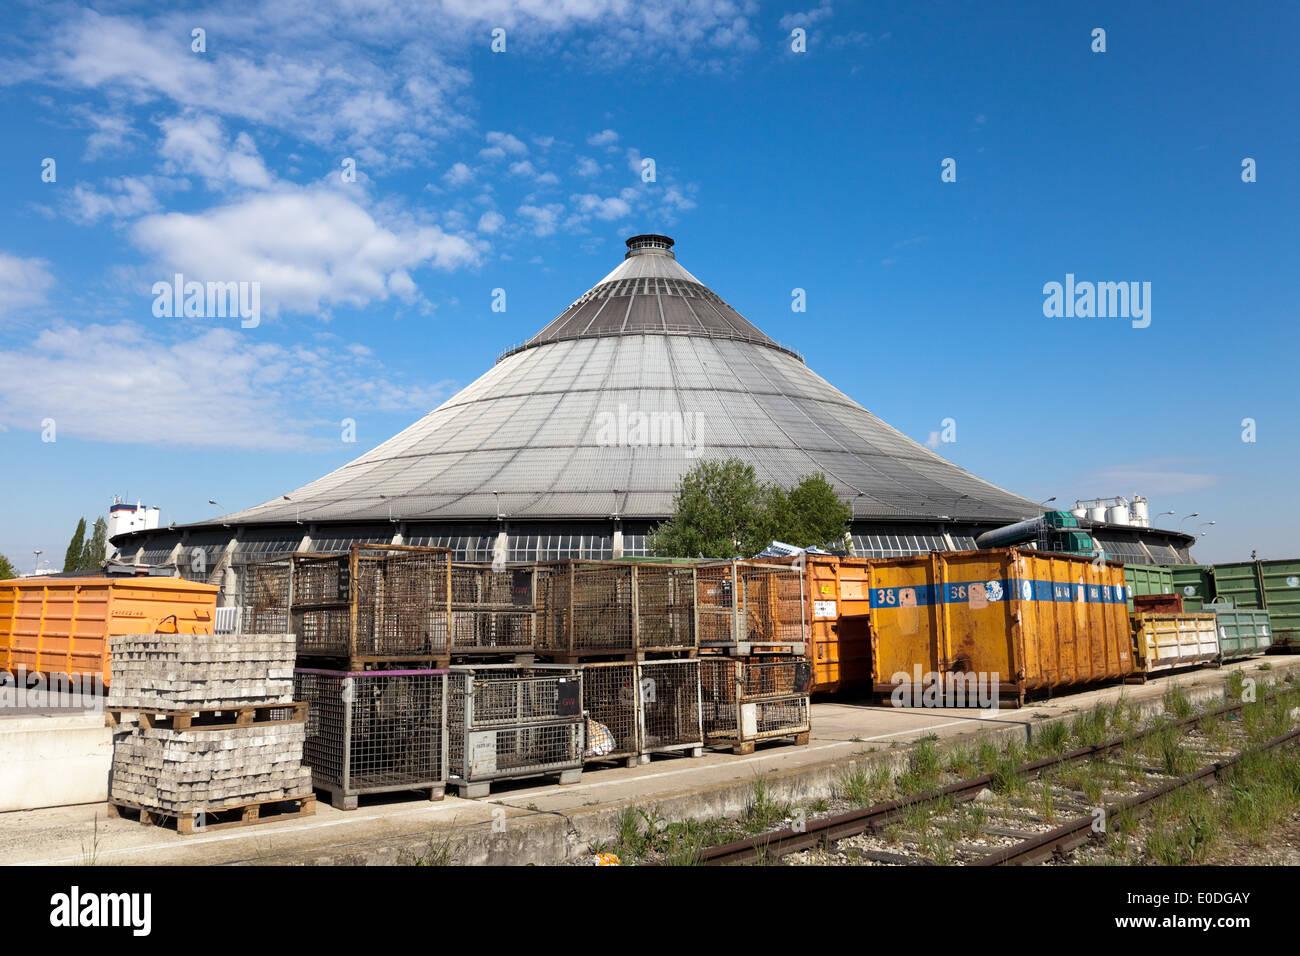 Rinterzelt Müllaufbereitungs Verbrennungsanlage,/, Wien, Österreich - Rinterzelt, installations de gestion des déchets, Vienne, Autriche Photo Stock